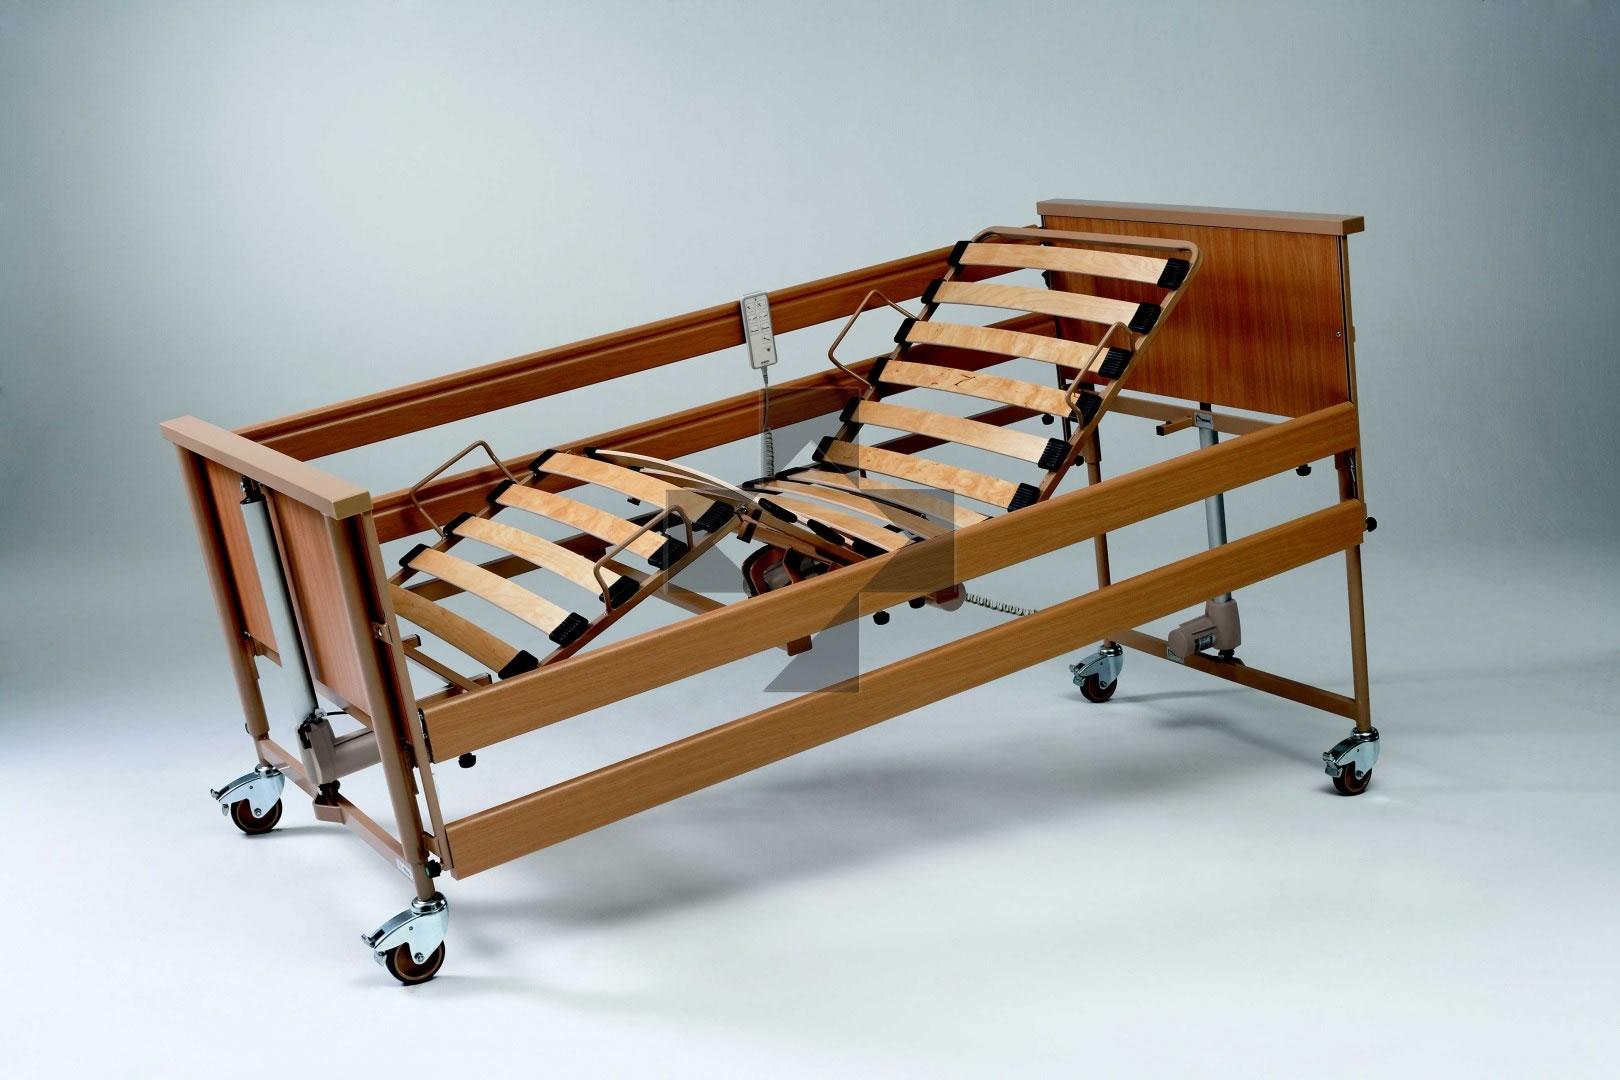 Letto ortopedico elettrico con base regolabile in altezza Dali II Eco 196812 Medimec